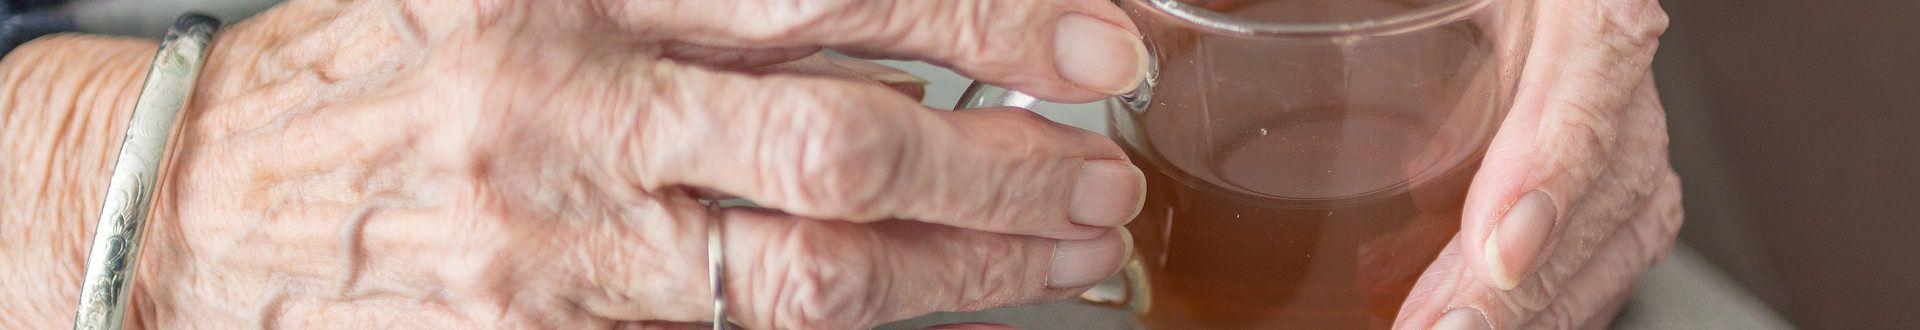 grundsicherung im alter compressor - Krankenversichert trotz fehlender Krankenversicherung